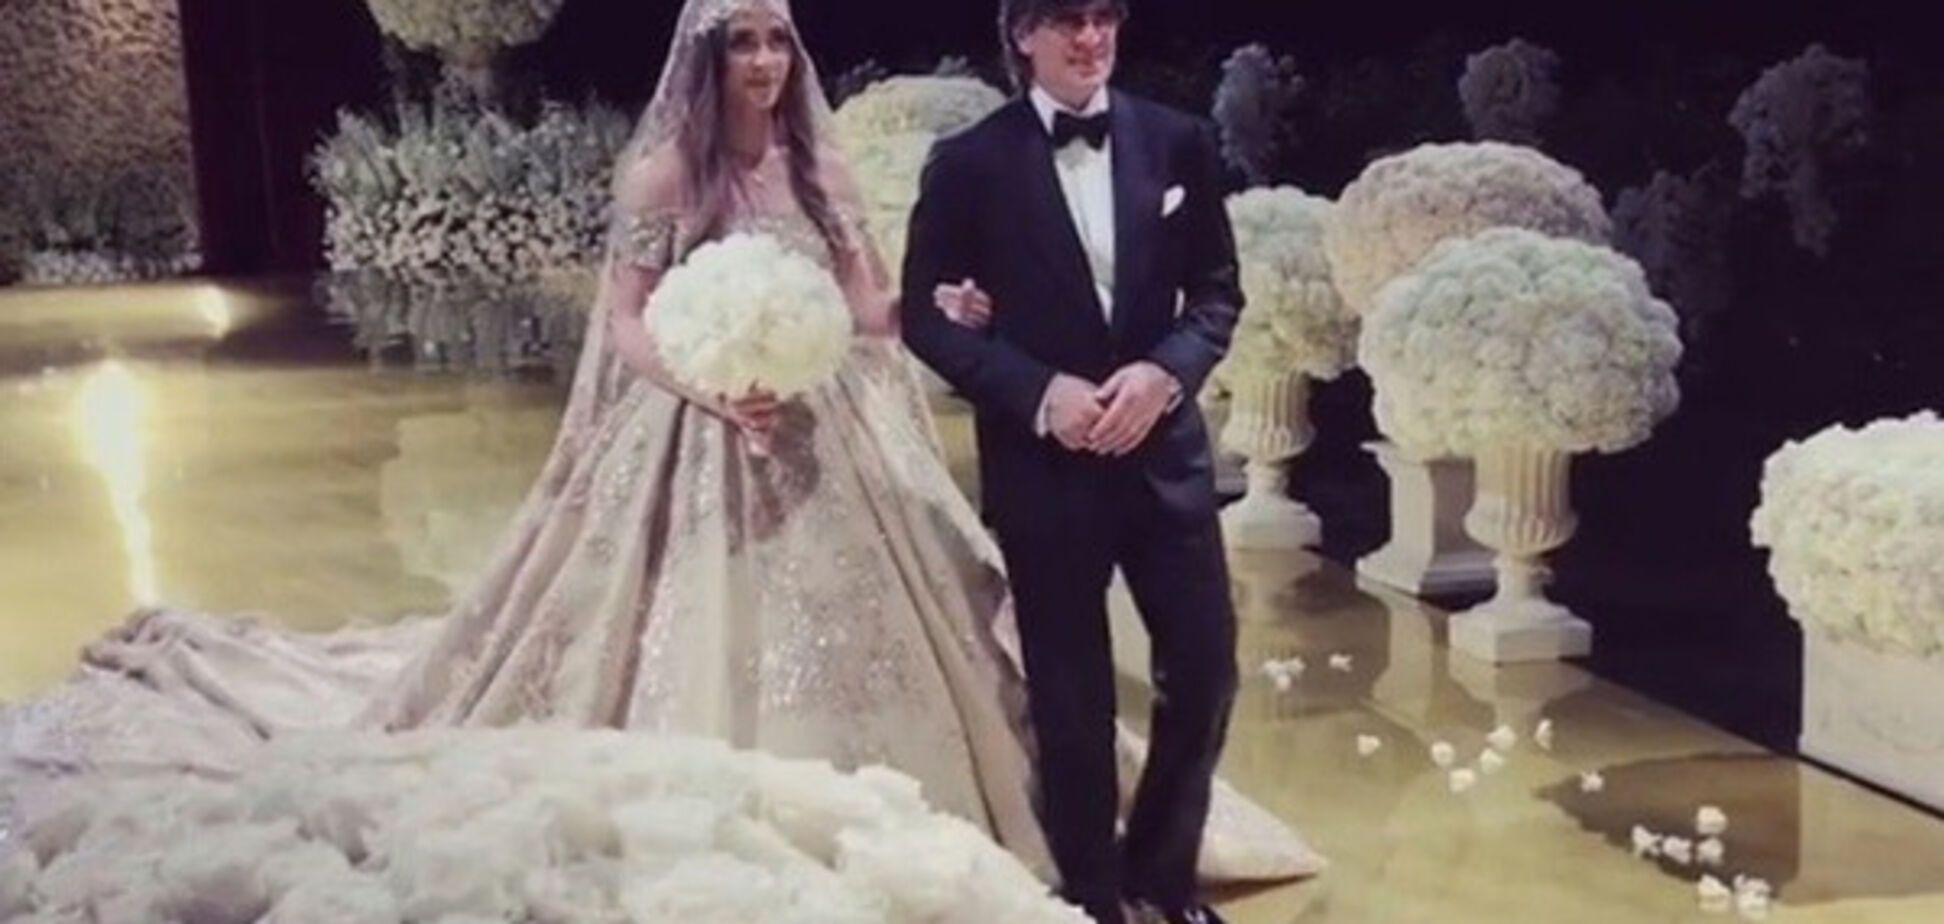 Голливуд такого не видел: появились уникальные кадры свадьбы детей российских олигархов